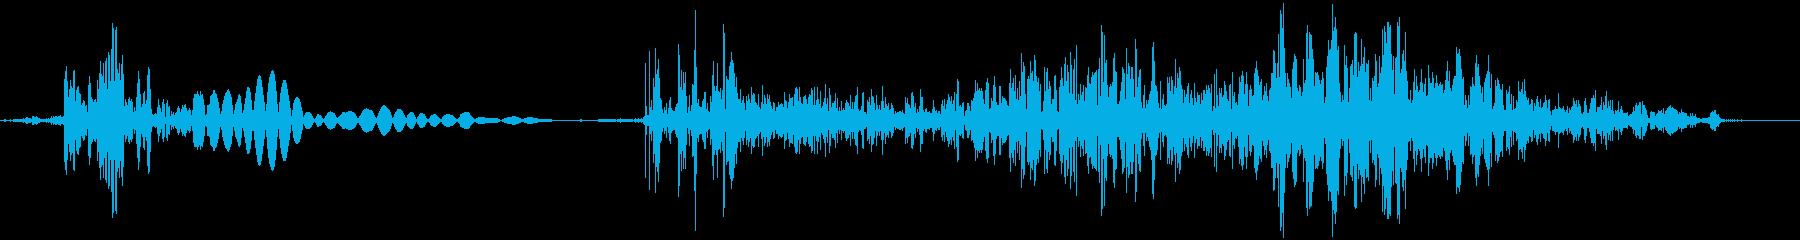 ゴブシュ。斬る・刺す音の再生済みの波形